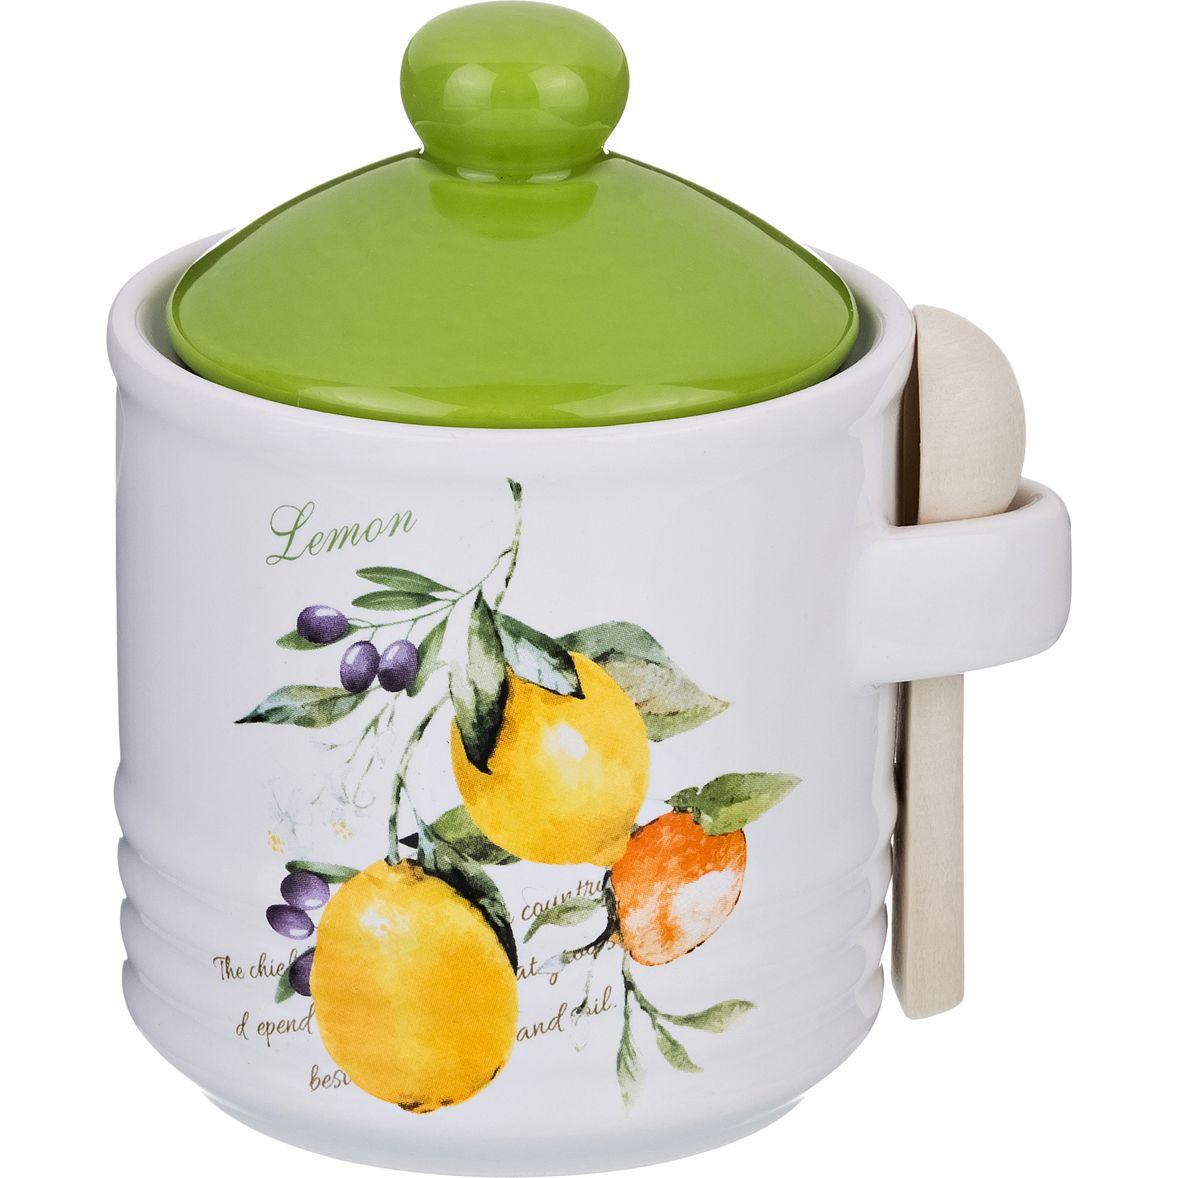 Купить Хранение продуктов Lefard, Банка для сыпучих продуктов Итальянские Лимоны (8х8х11 см), Китай, Голубой, Зеленый, Керамика